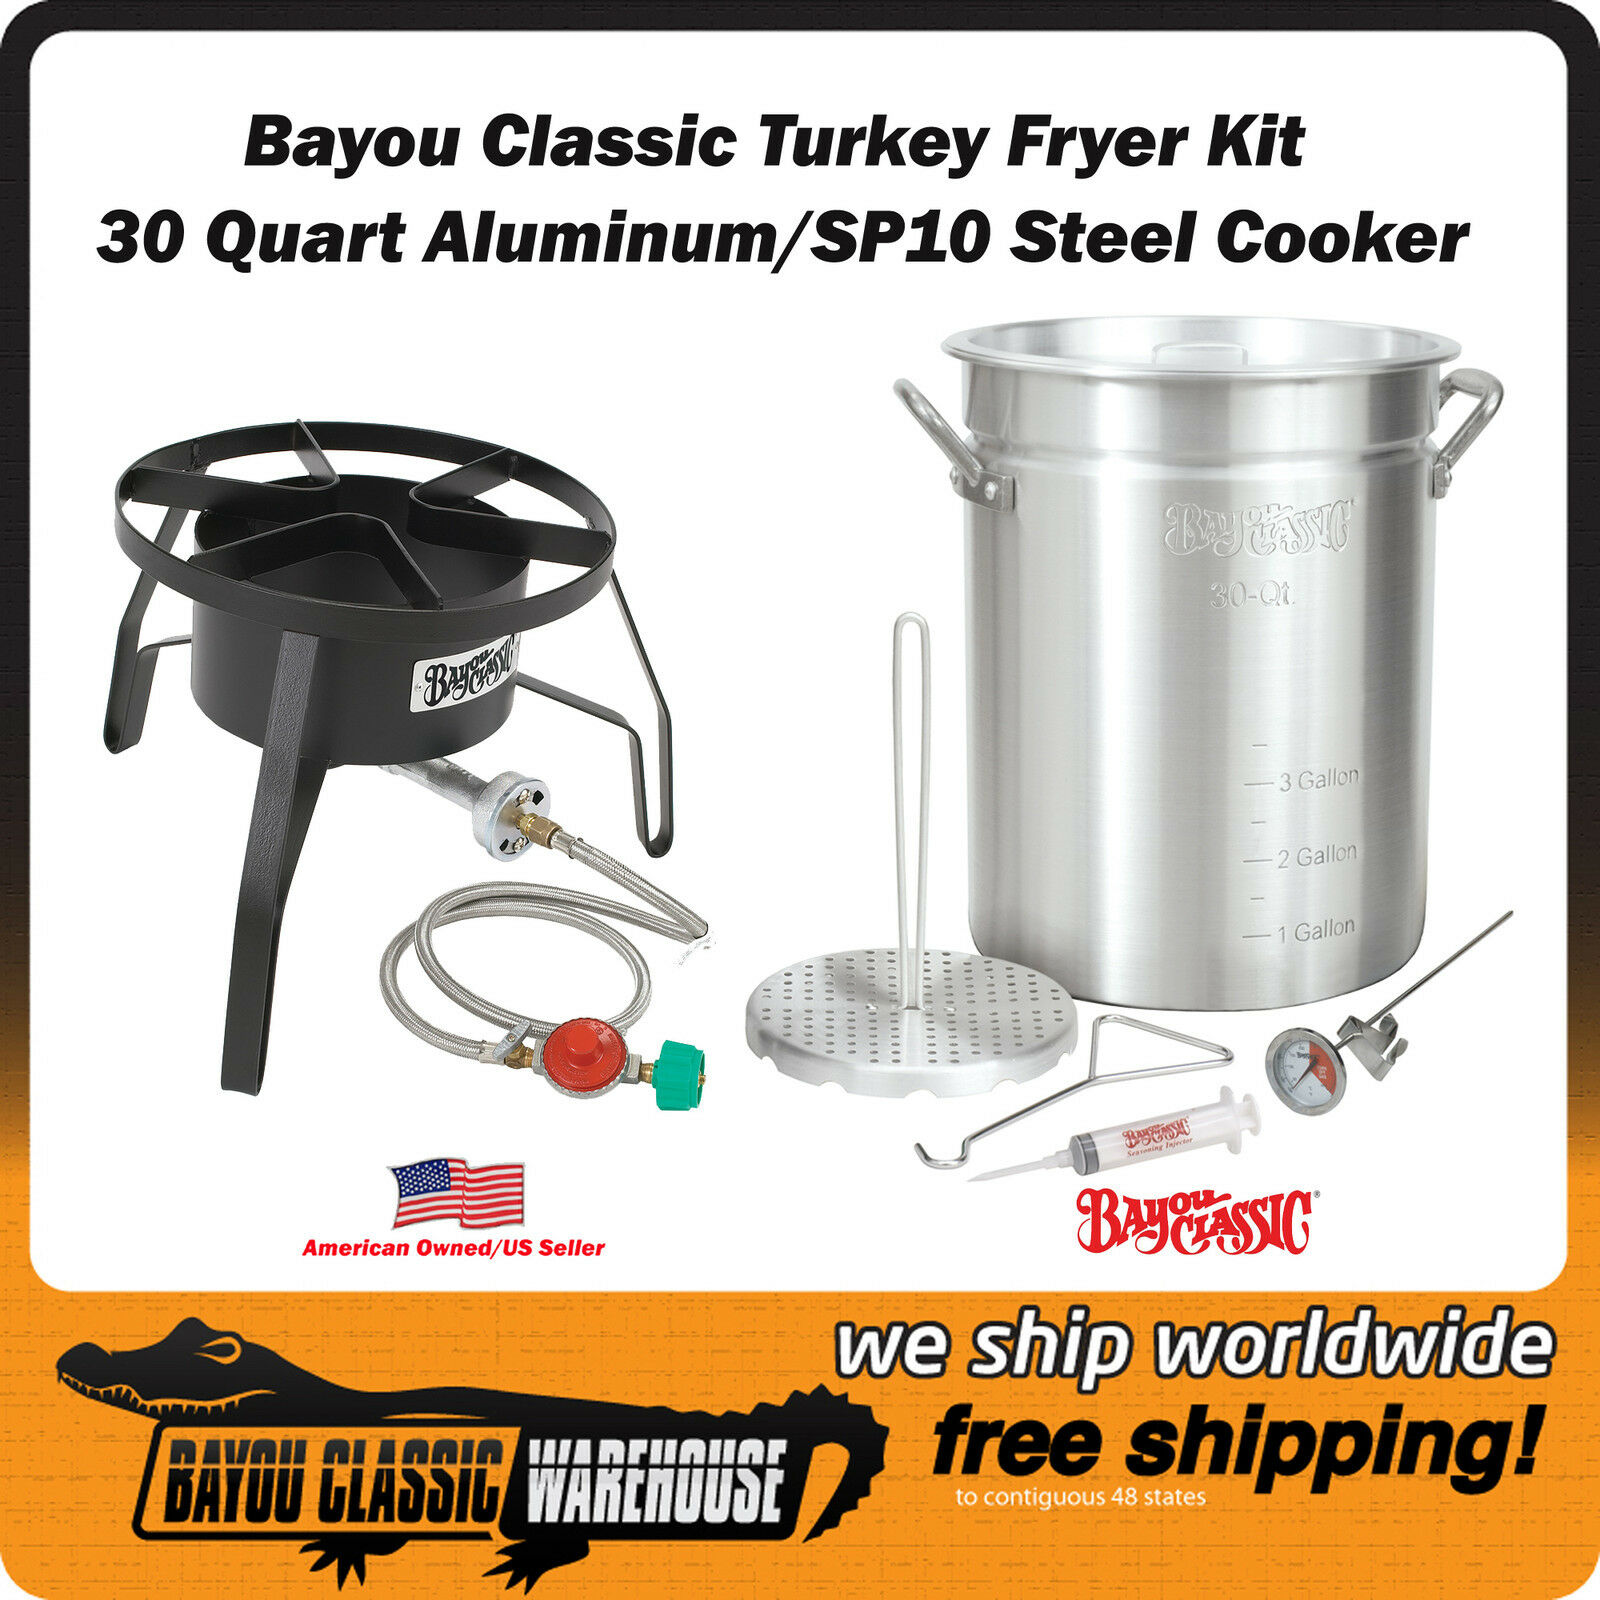 Kit Completo básica de freidora de Turquía 30 cuartos de galón Aluminio Olla con cocina de acero SP10